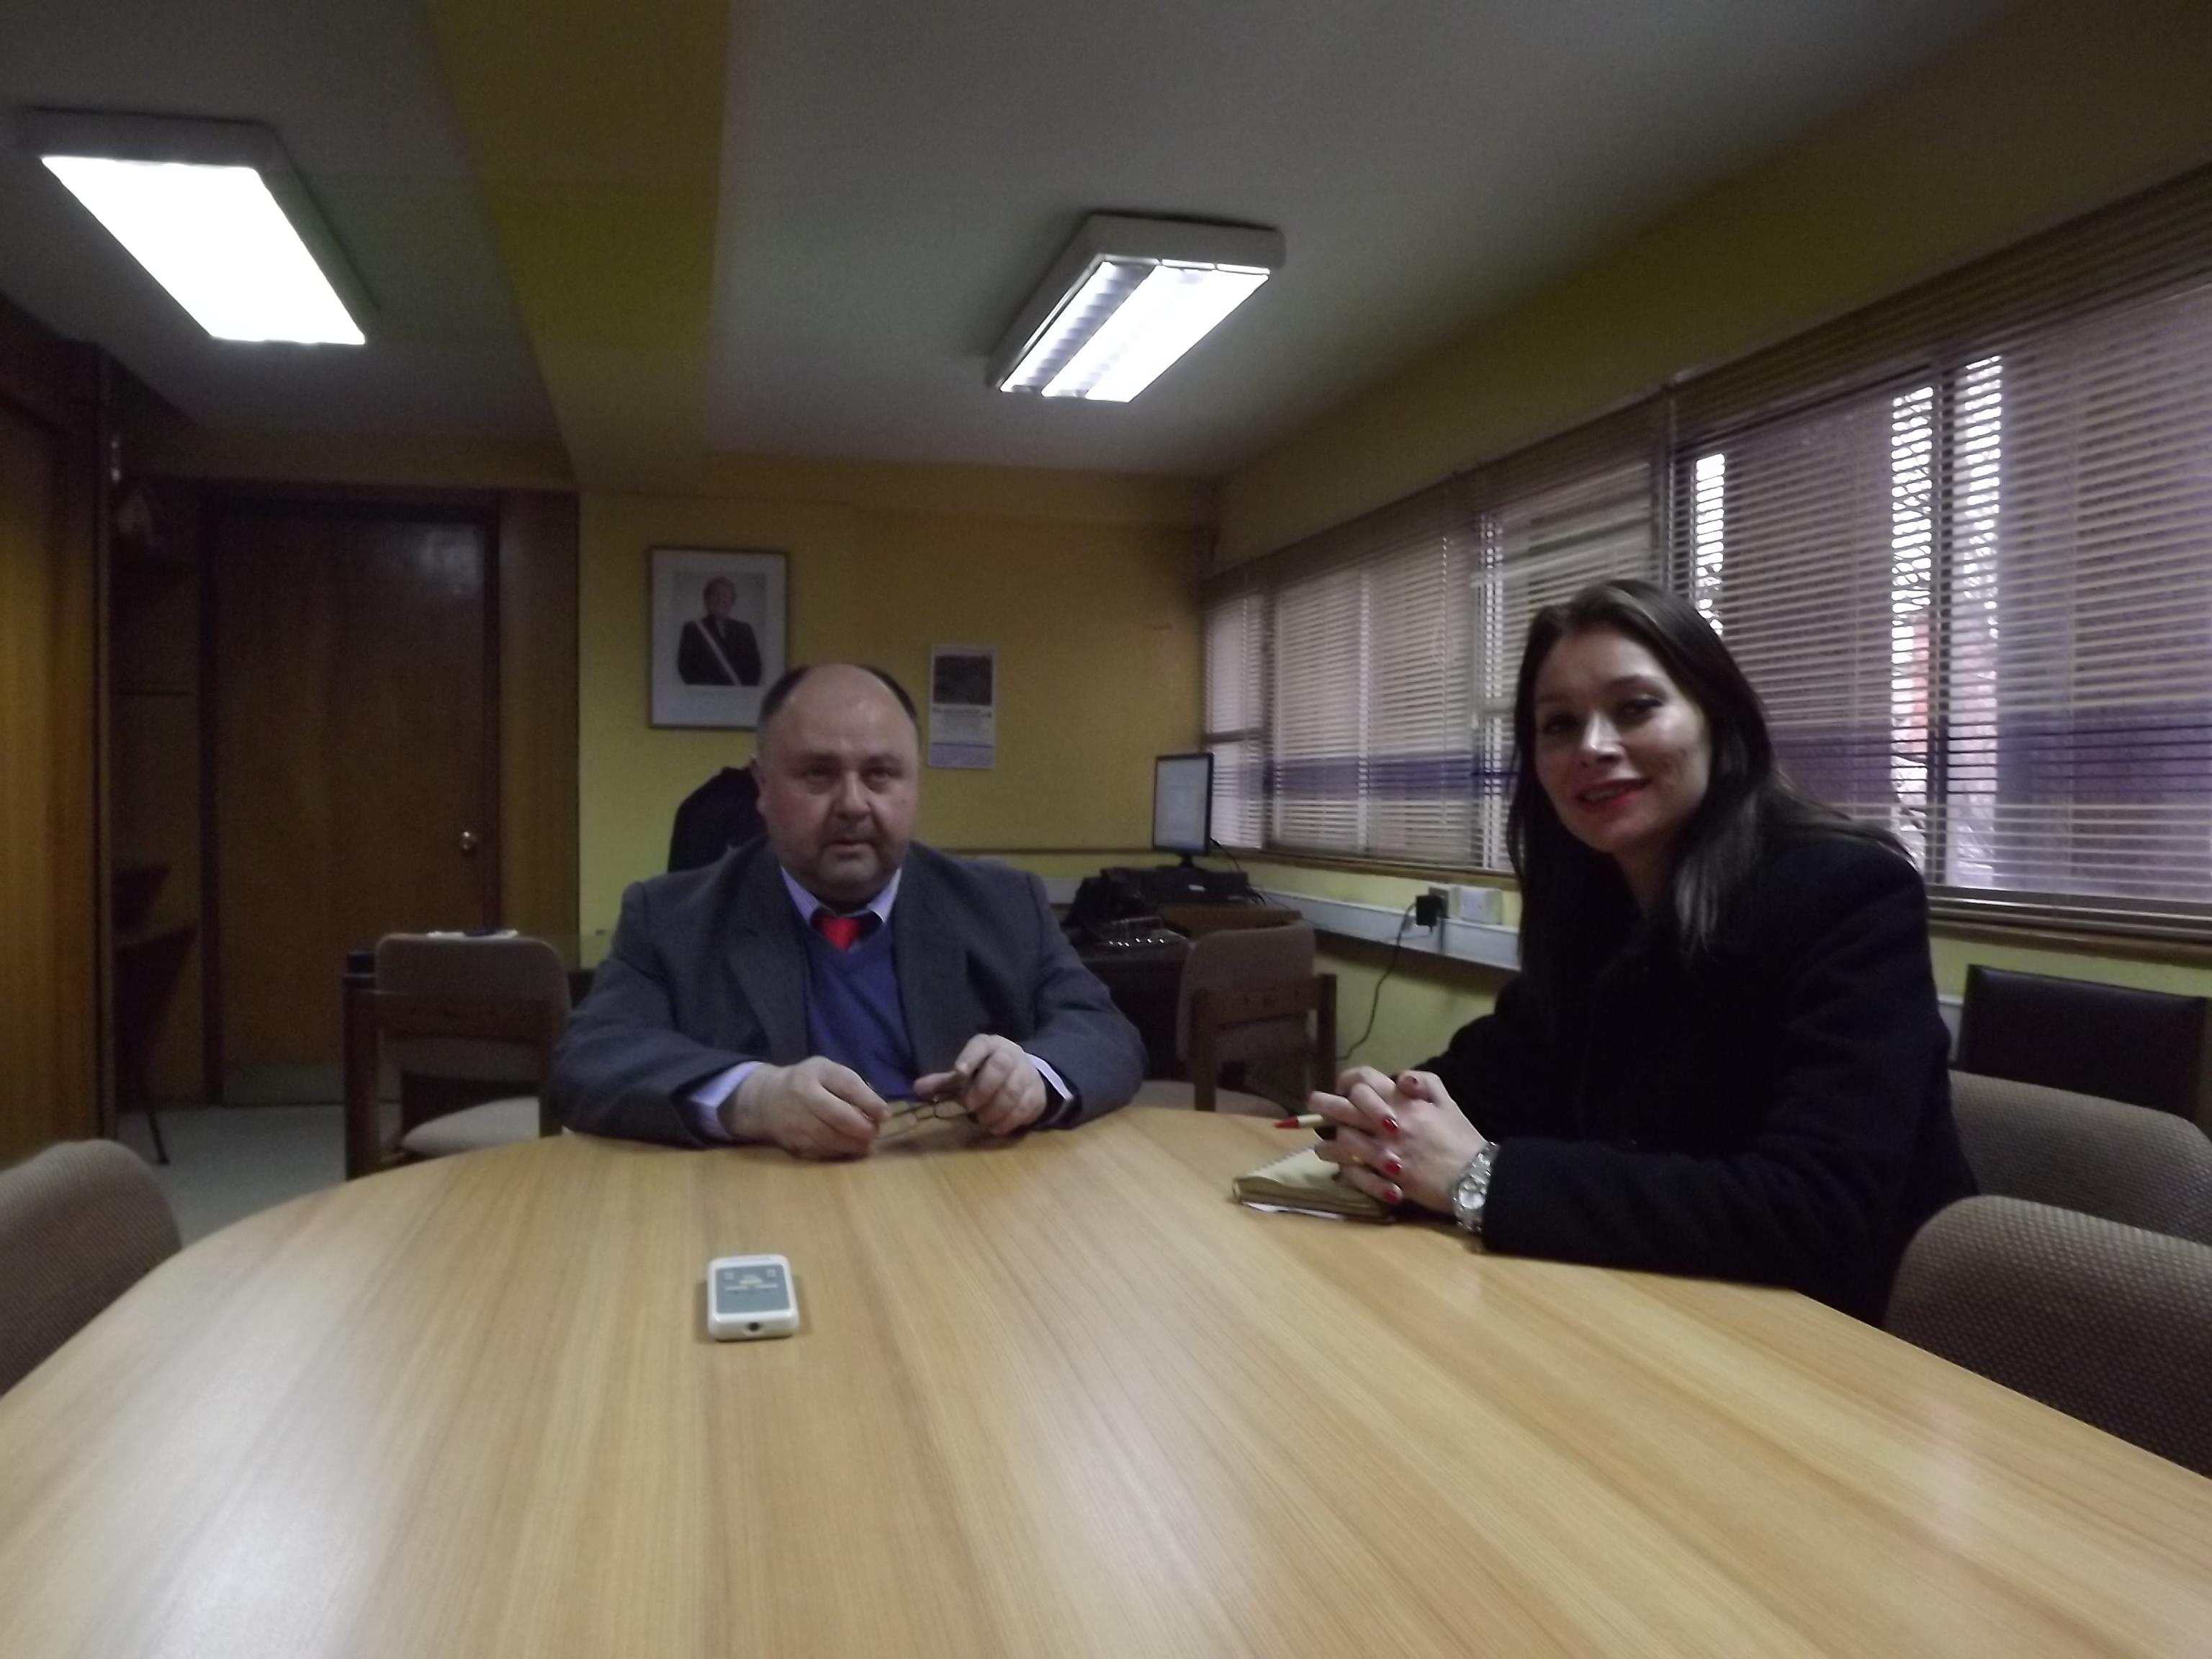 Gobernadora de Linares se reunió con el nuevo SEREMI del MOP en el Maule